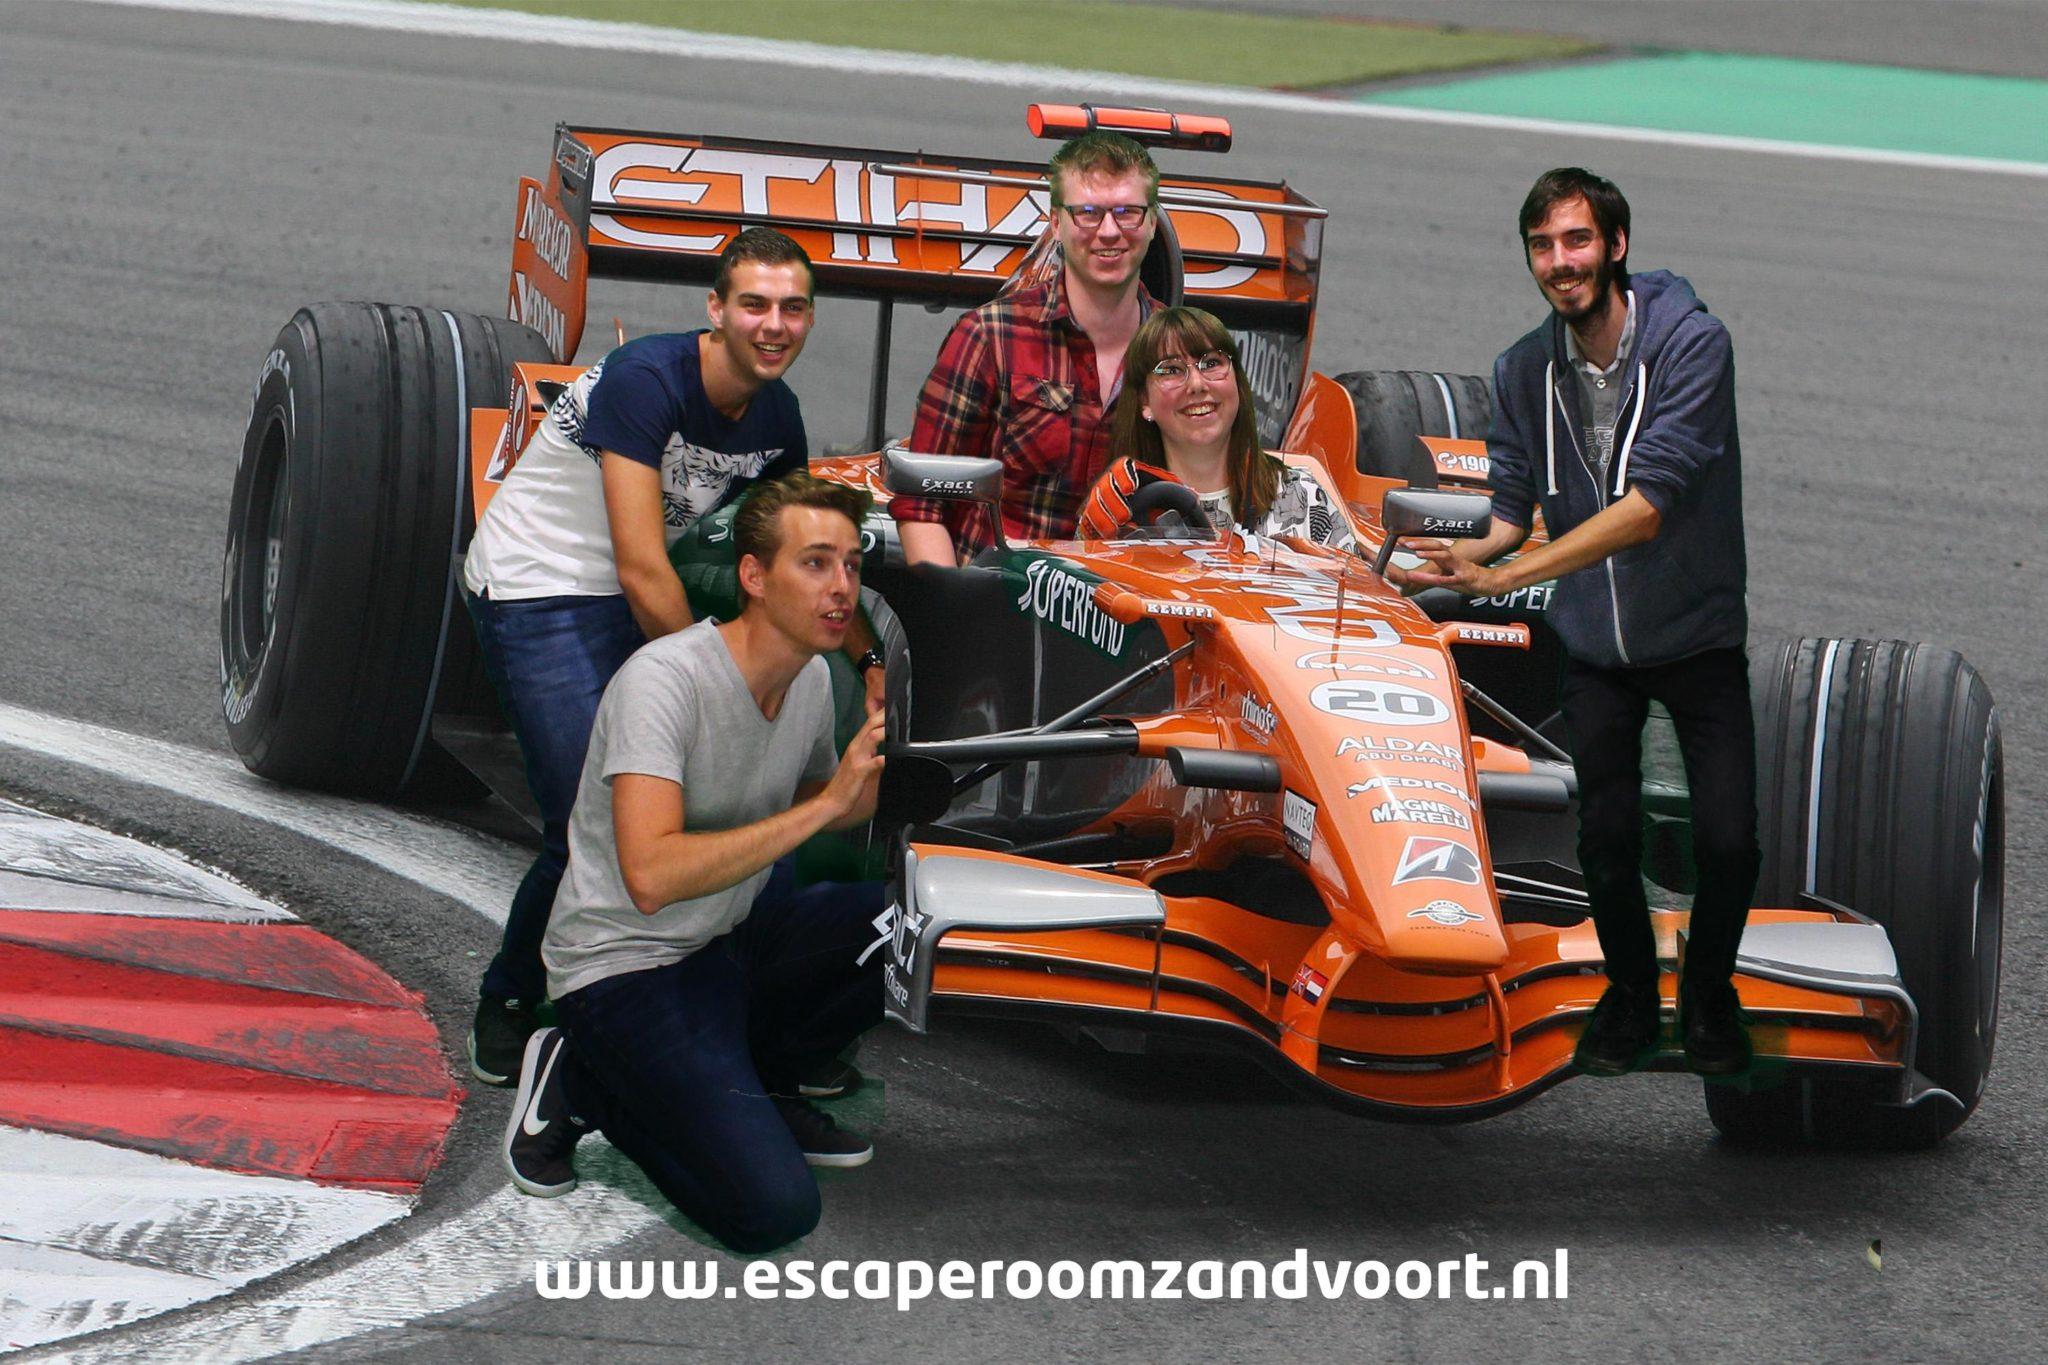 Racewagen met collega's escaperoom zandvoort